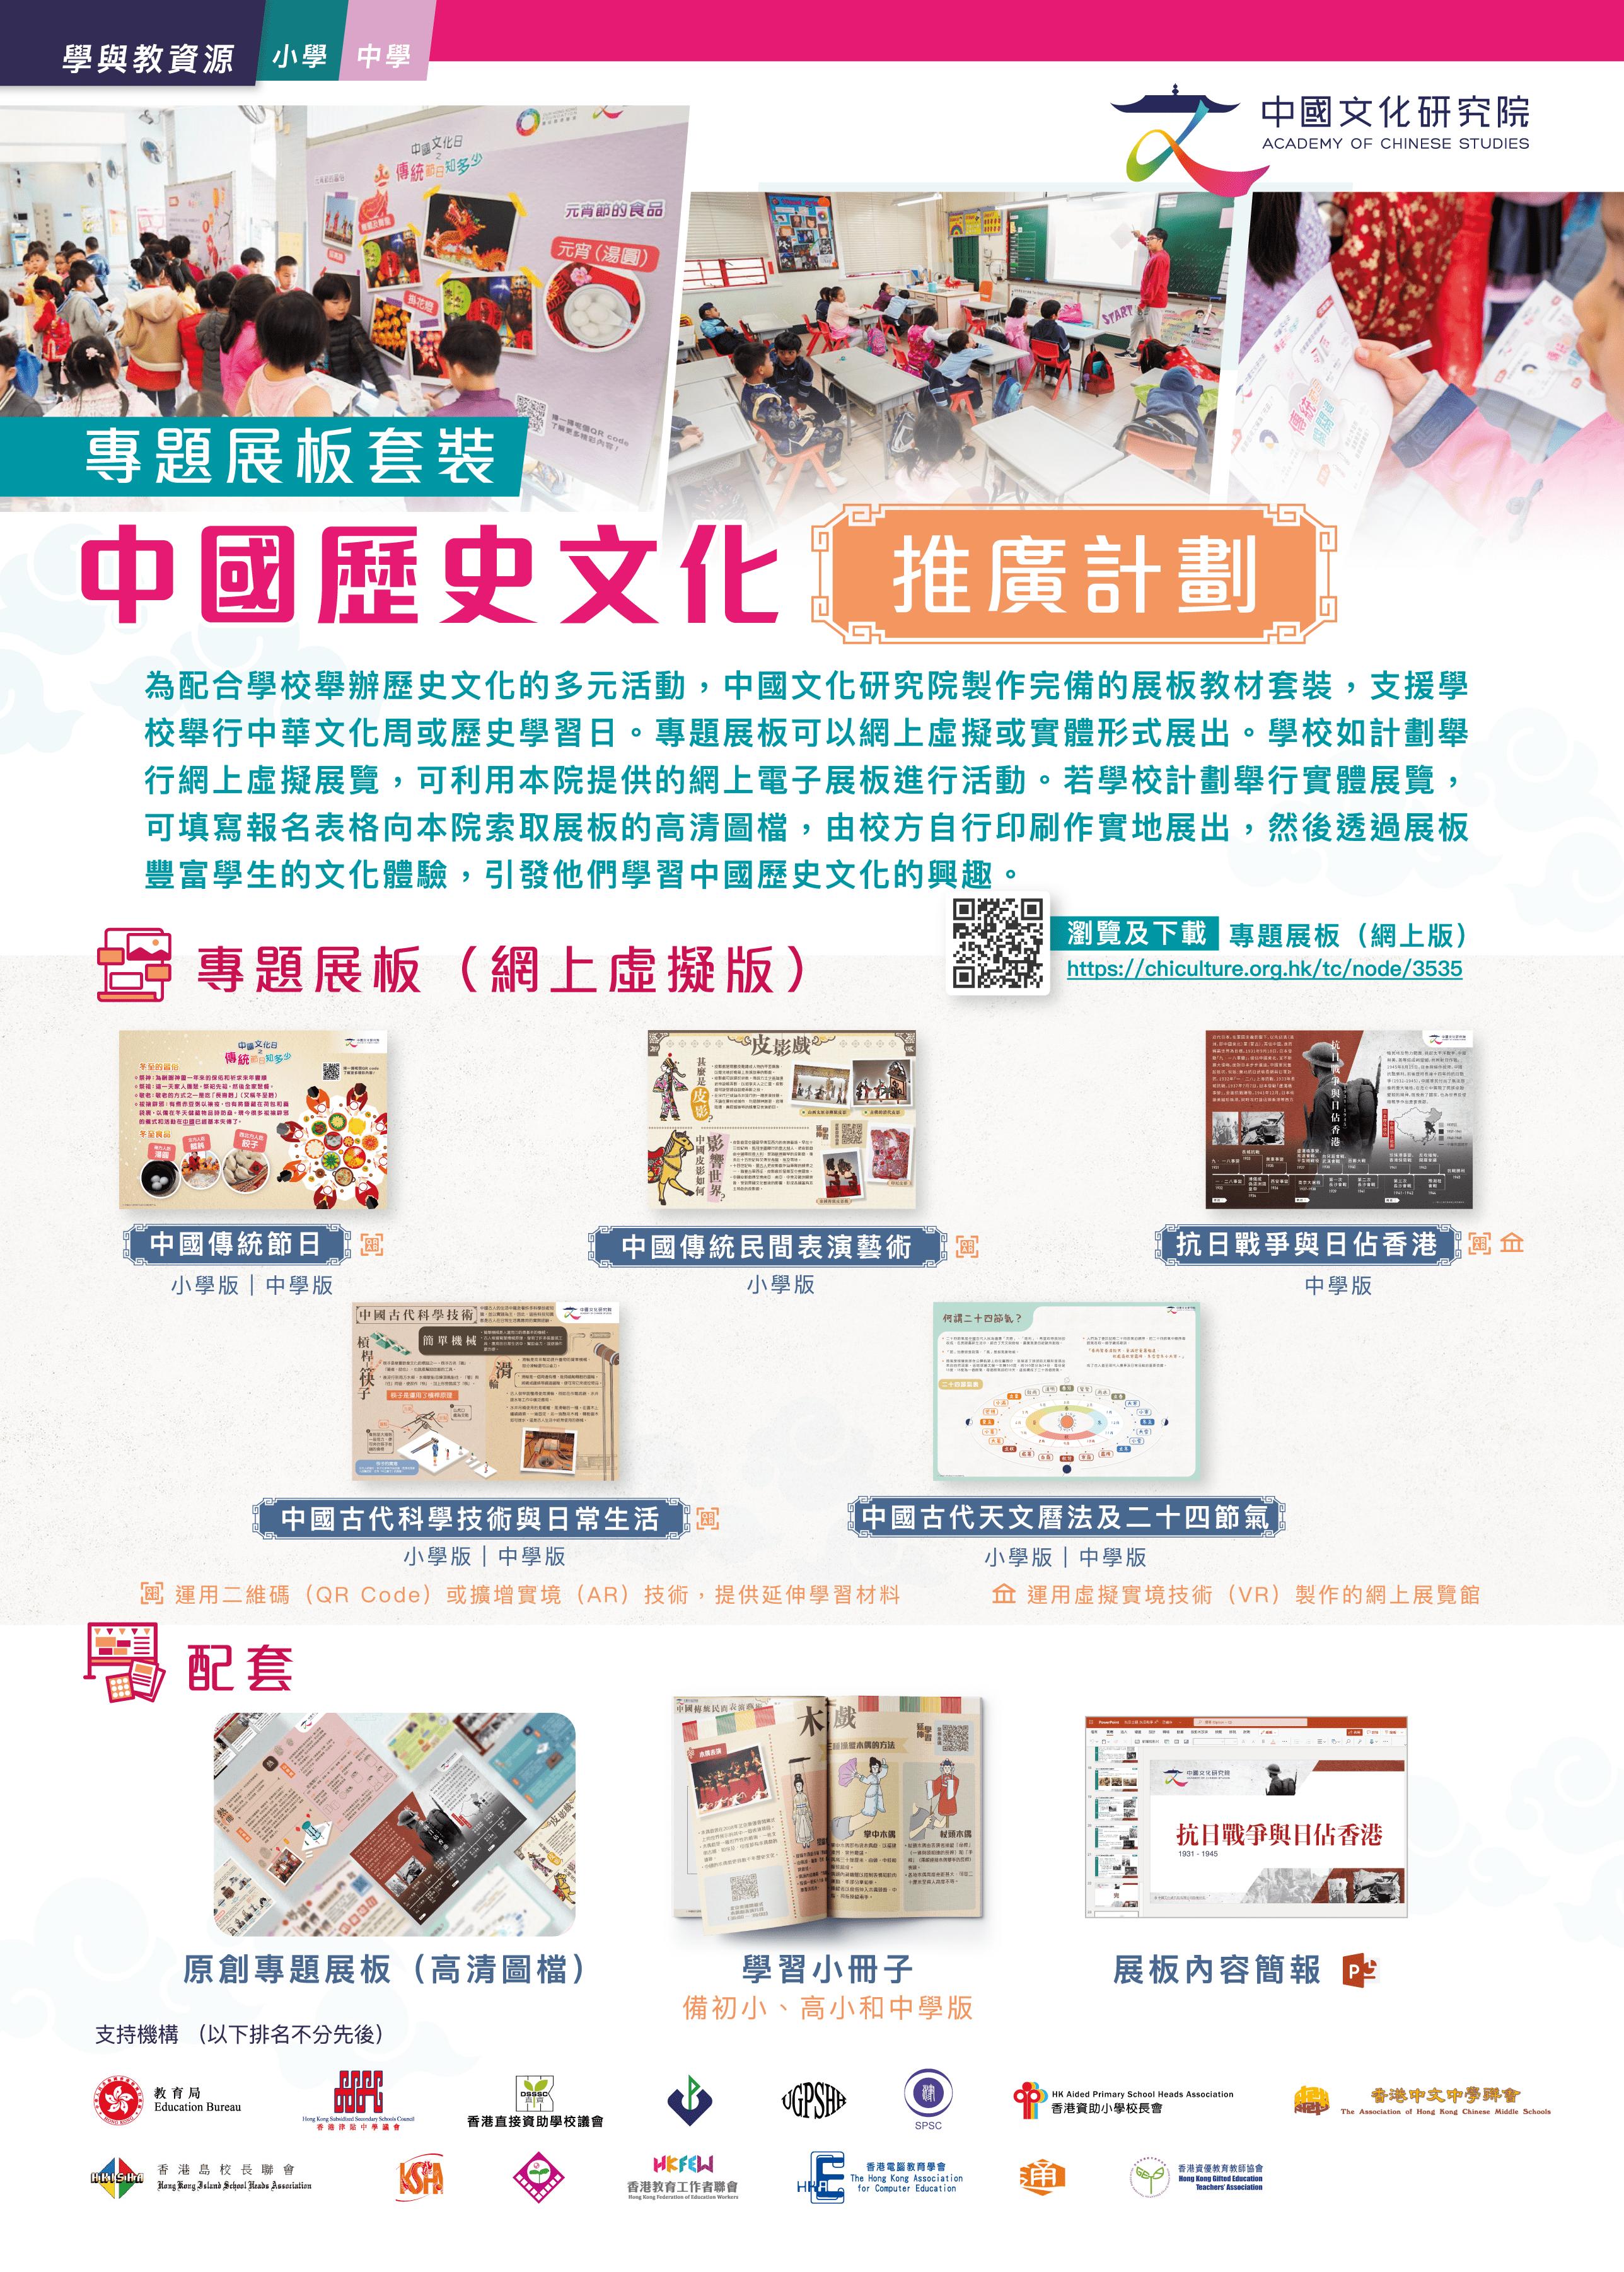 acs_flyer_zhongguolishiwenhuatuiguangjihua_20210618_v4-01-min